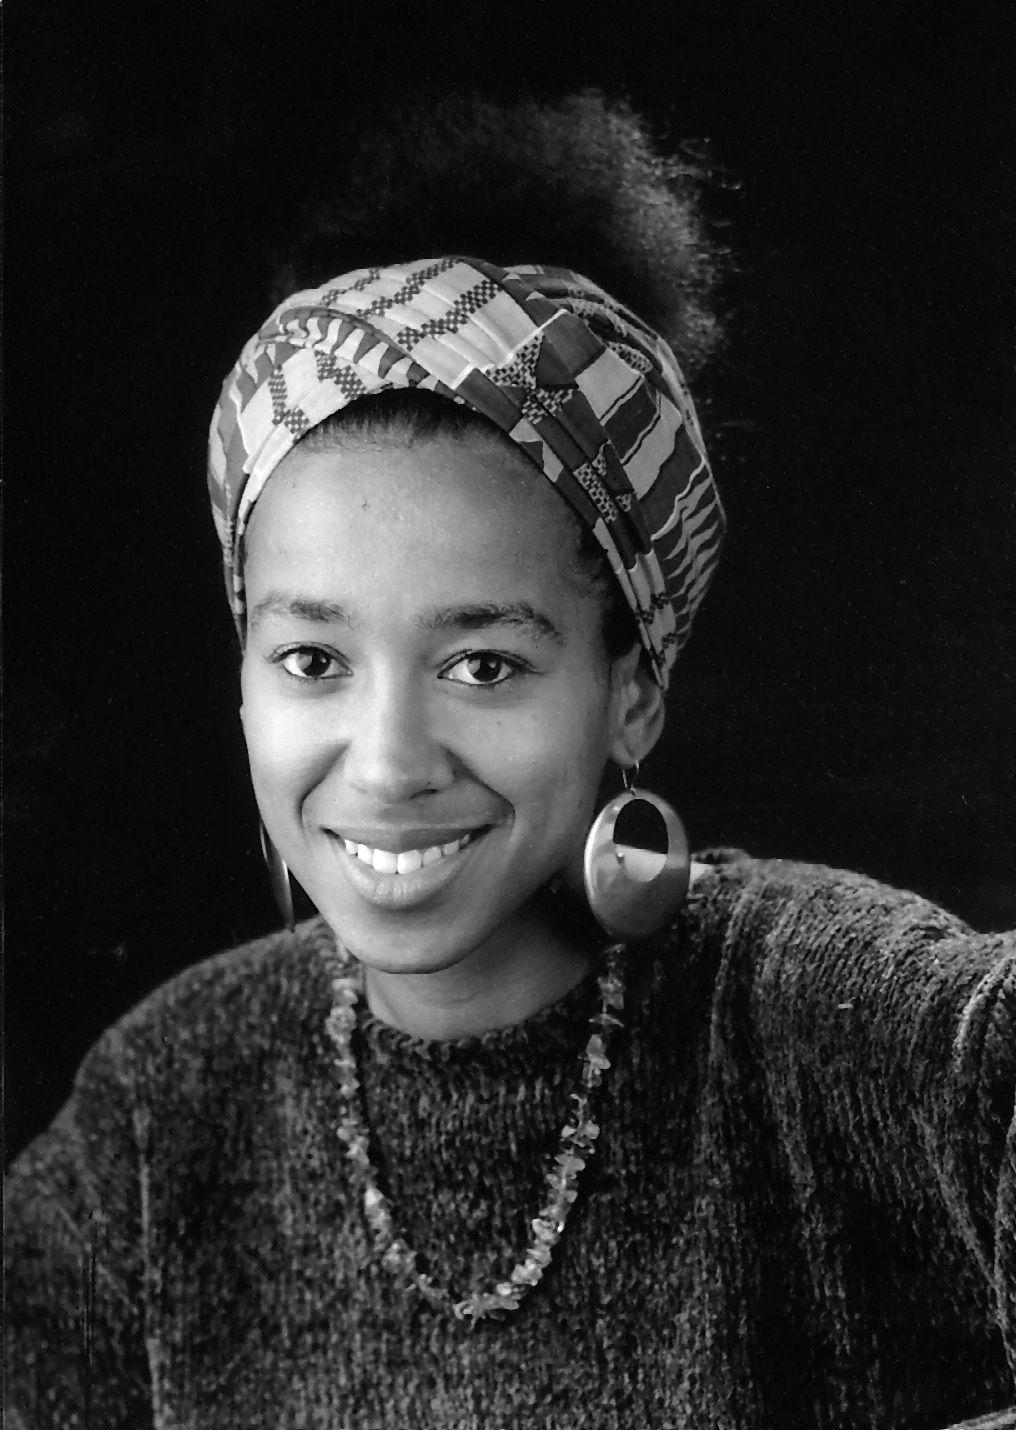 May Ayim machte aus dem rassistischen Wortabfall der deutschen Gesellschaft Gedichte. Damit wurde sie zur Schlüsselfigur – nicht nur für Afrodeutsche. Am Samstag wäre sie 54 Jahre alt geworden.